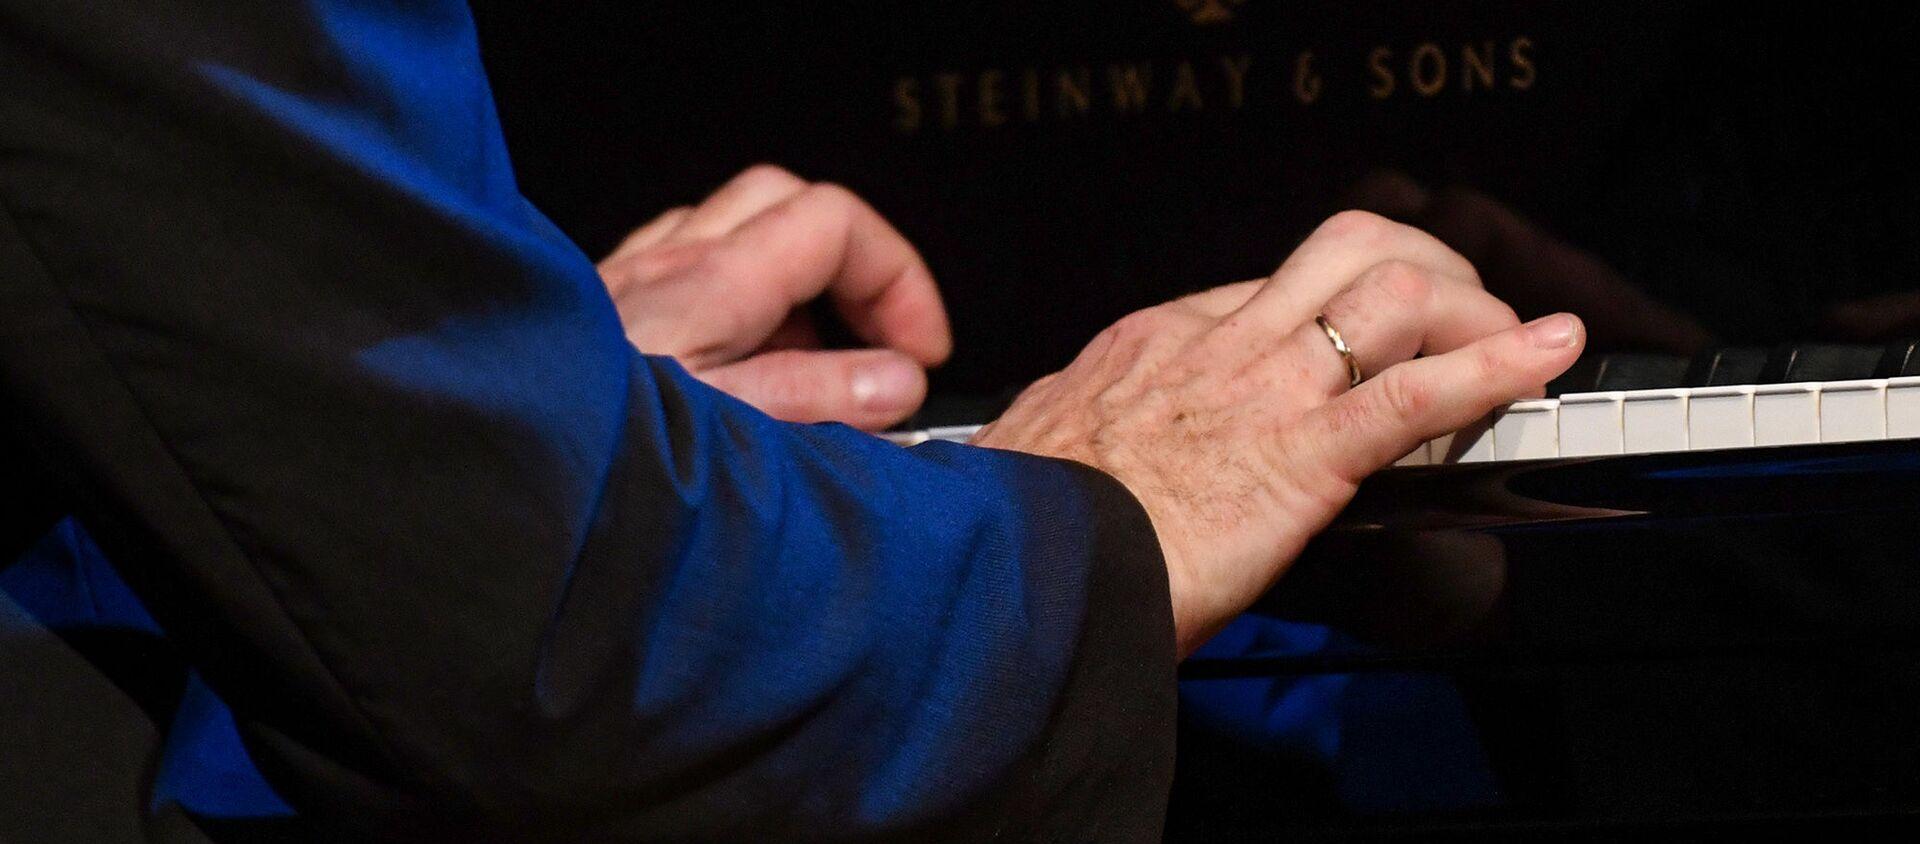 Выступление Сибель Косе и джаз-трио Алексея Черемизова в Баку - Sputnik Азербайджан, 1920, 04.12.2020